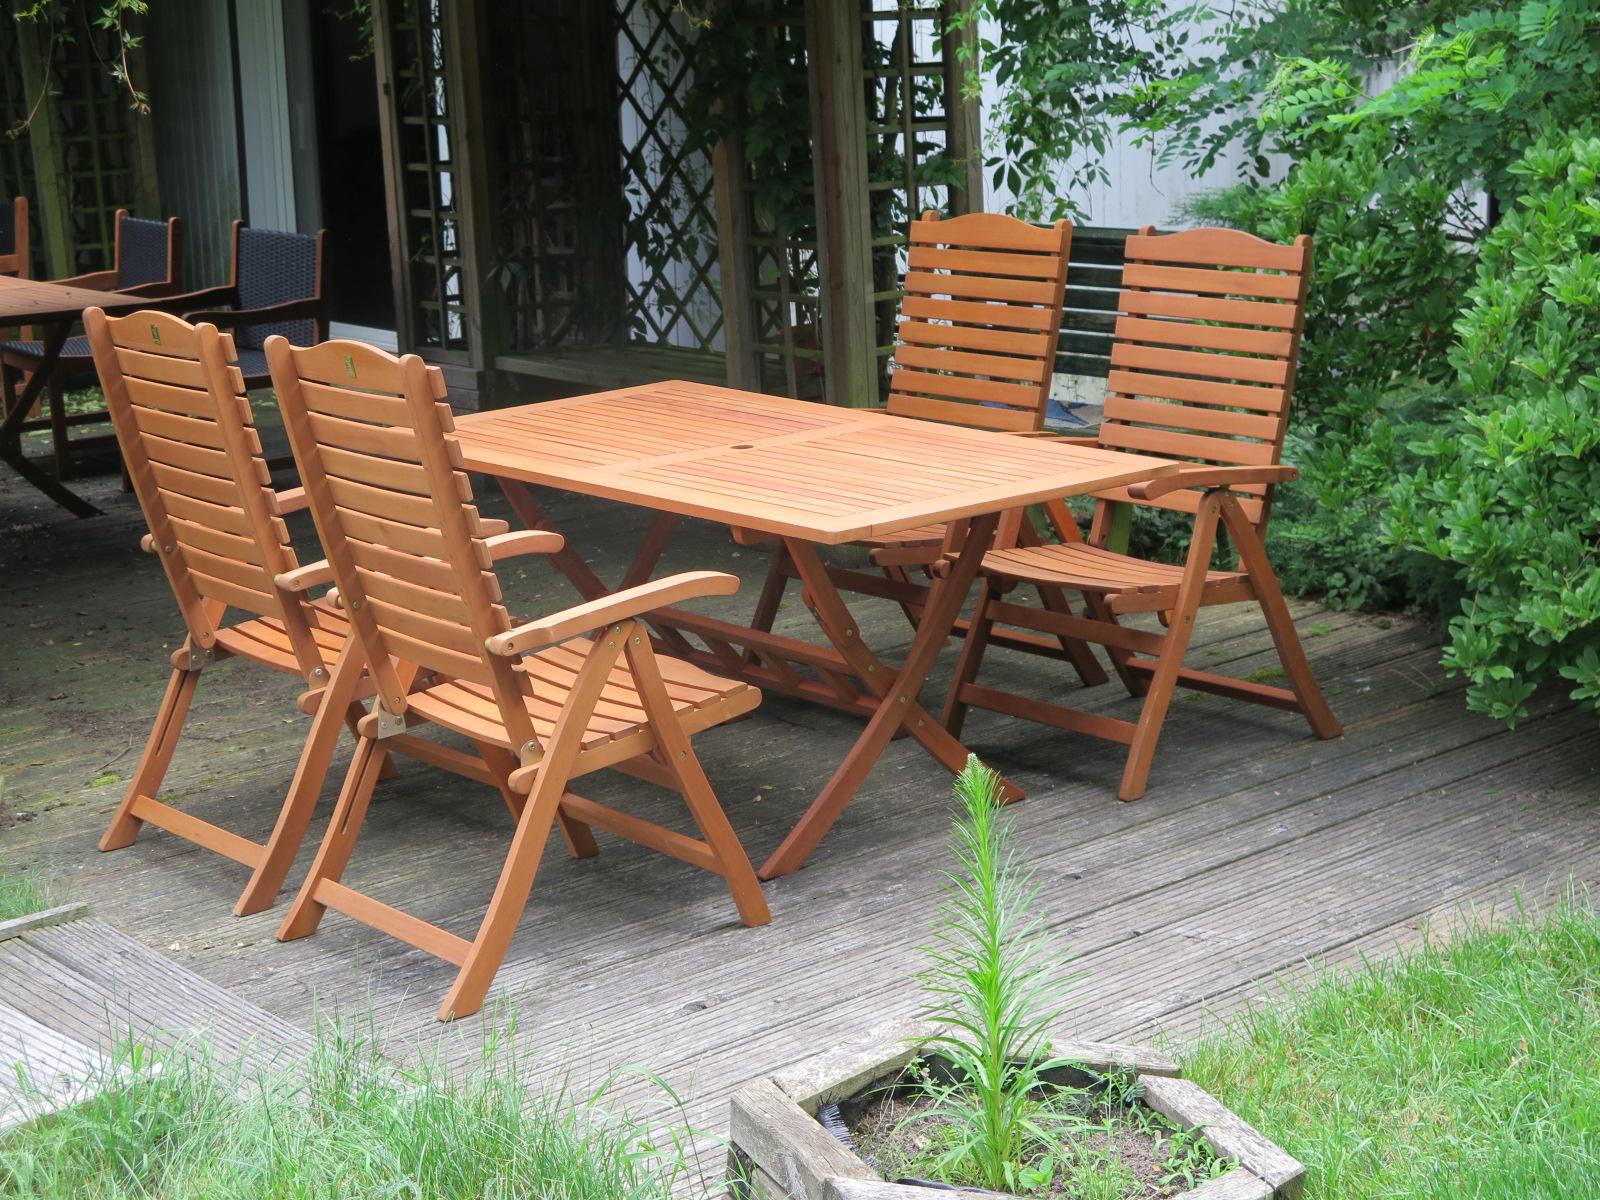 Meble Ogrodowe Tarasowe Drewniane Stół 4 Krzesła